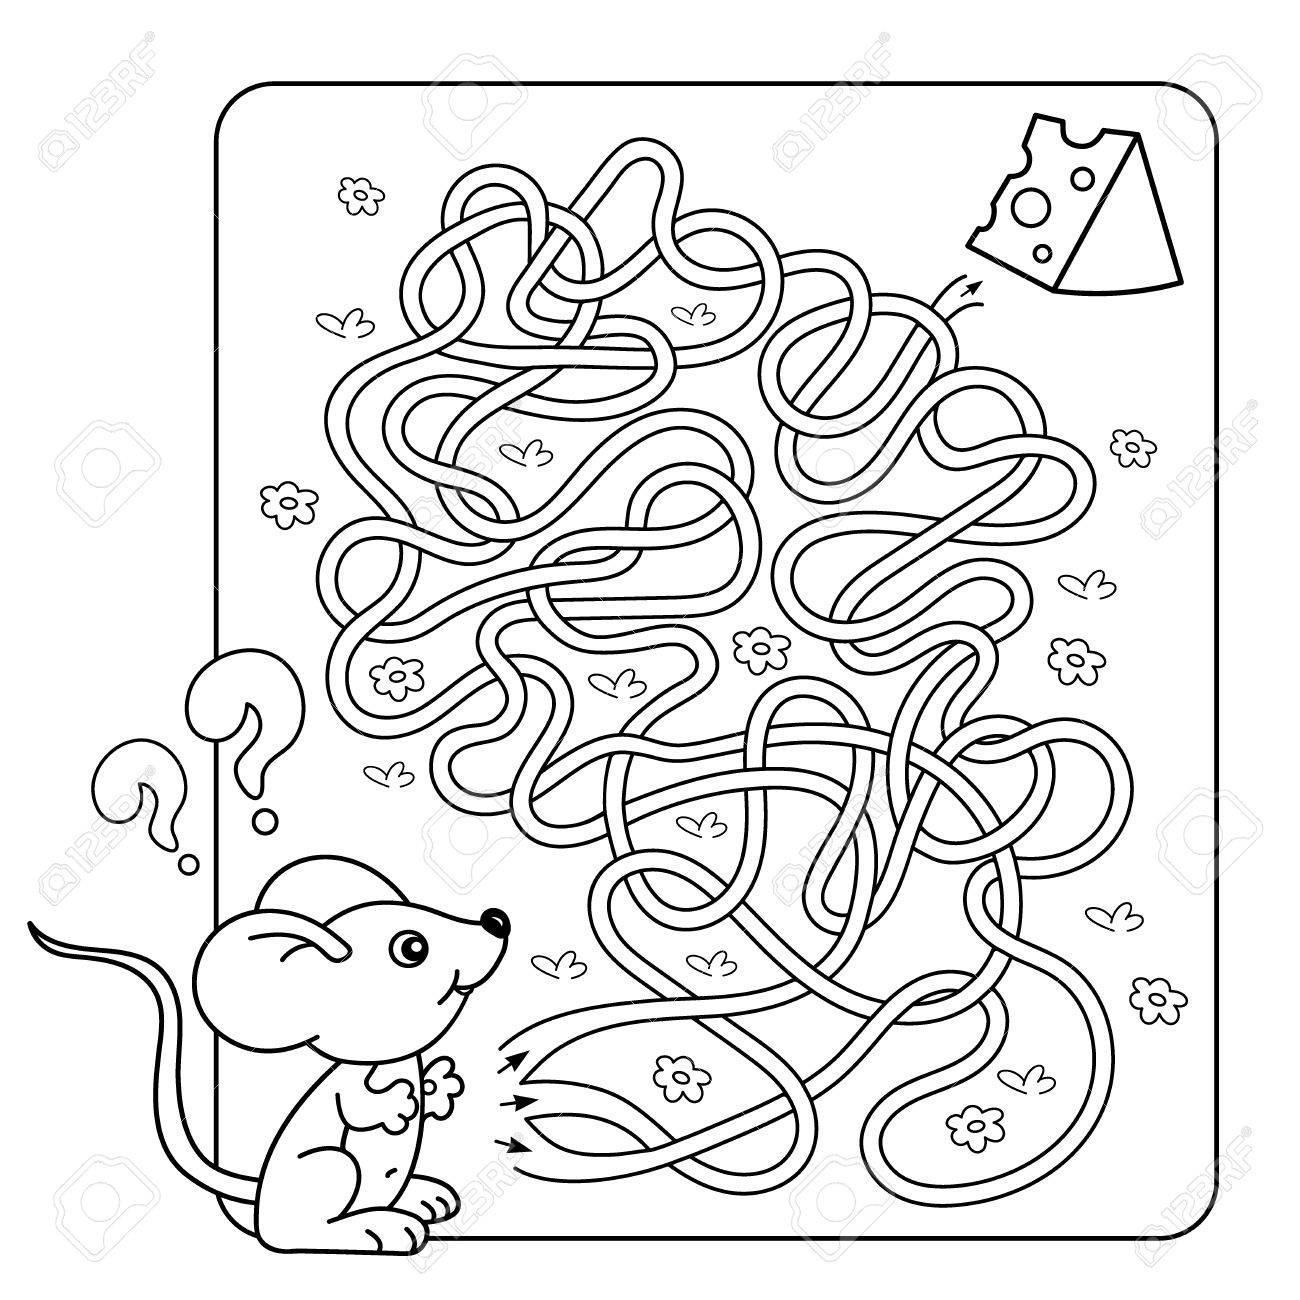 幼児の教育迷路や迷宮ゲームの漫画ベクトルの例パズルもつれた道